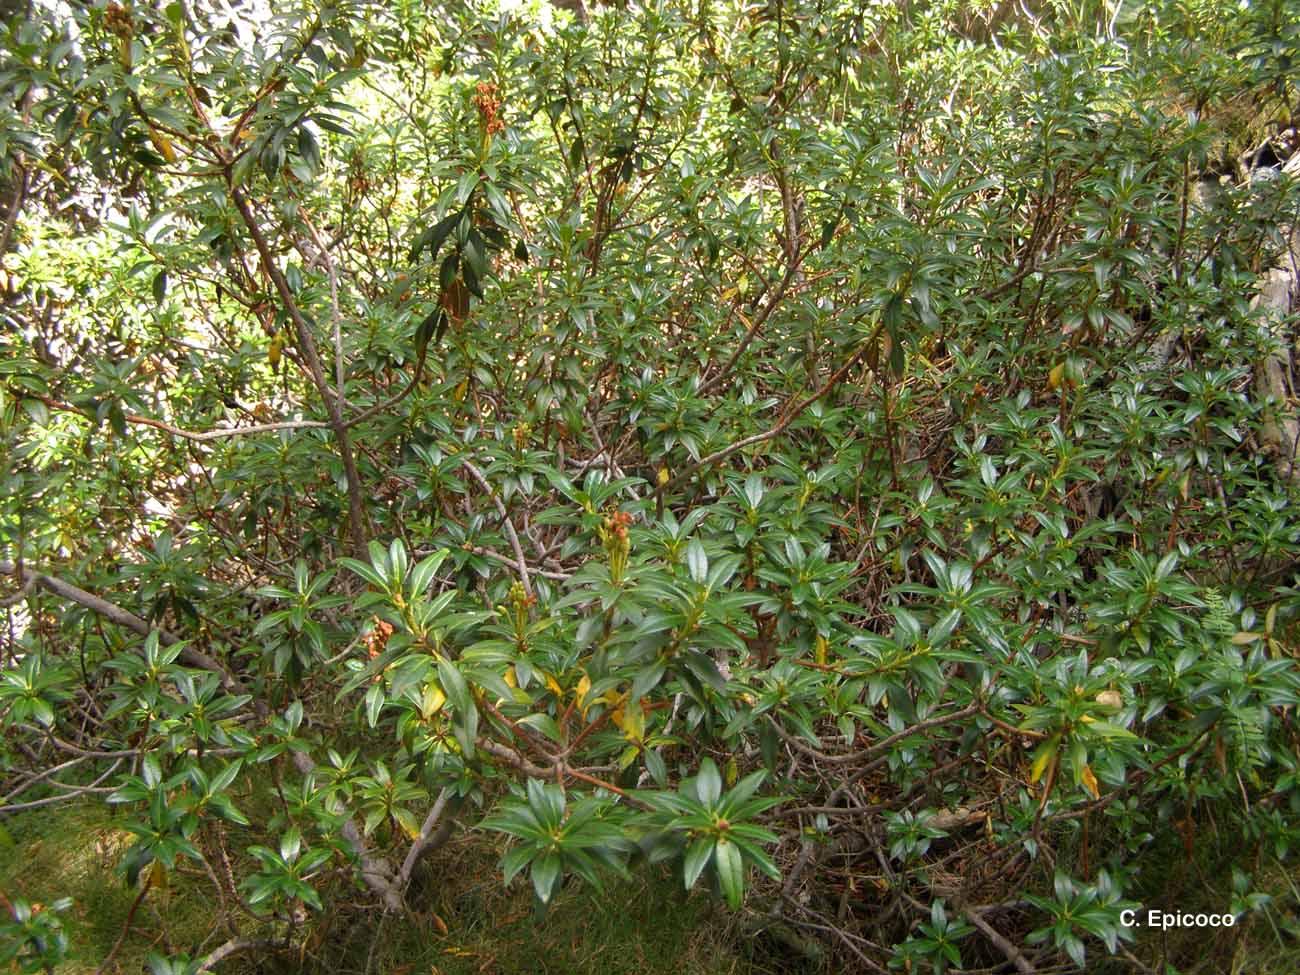 Rhododendron ferrugineum